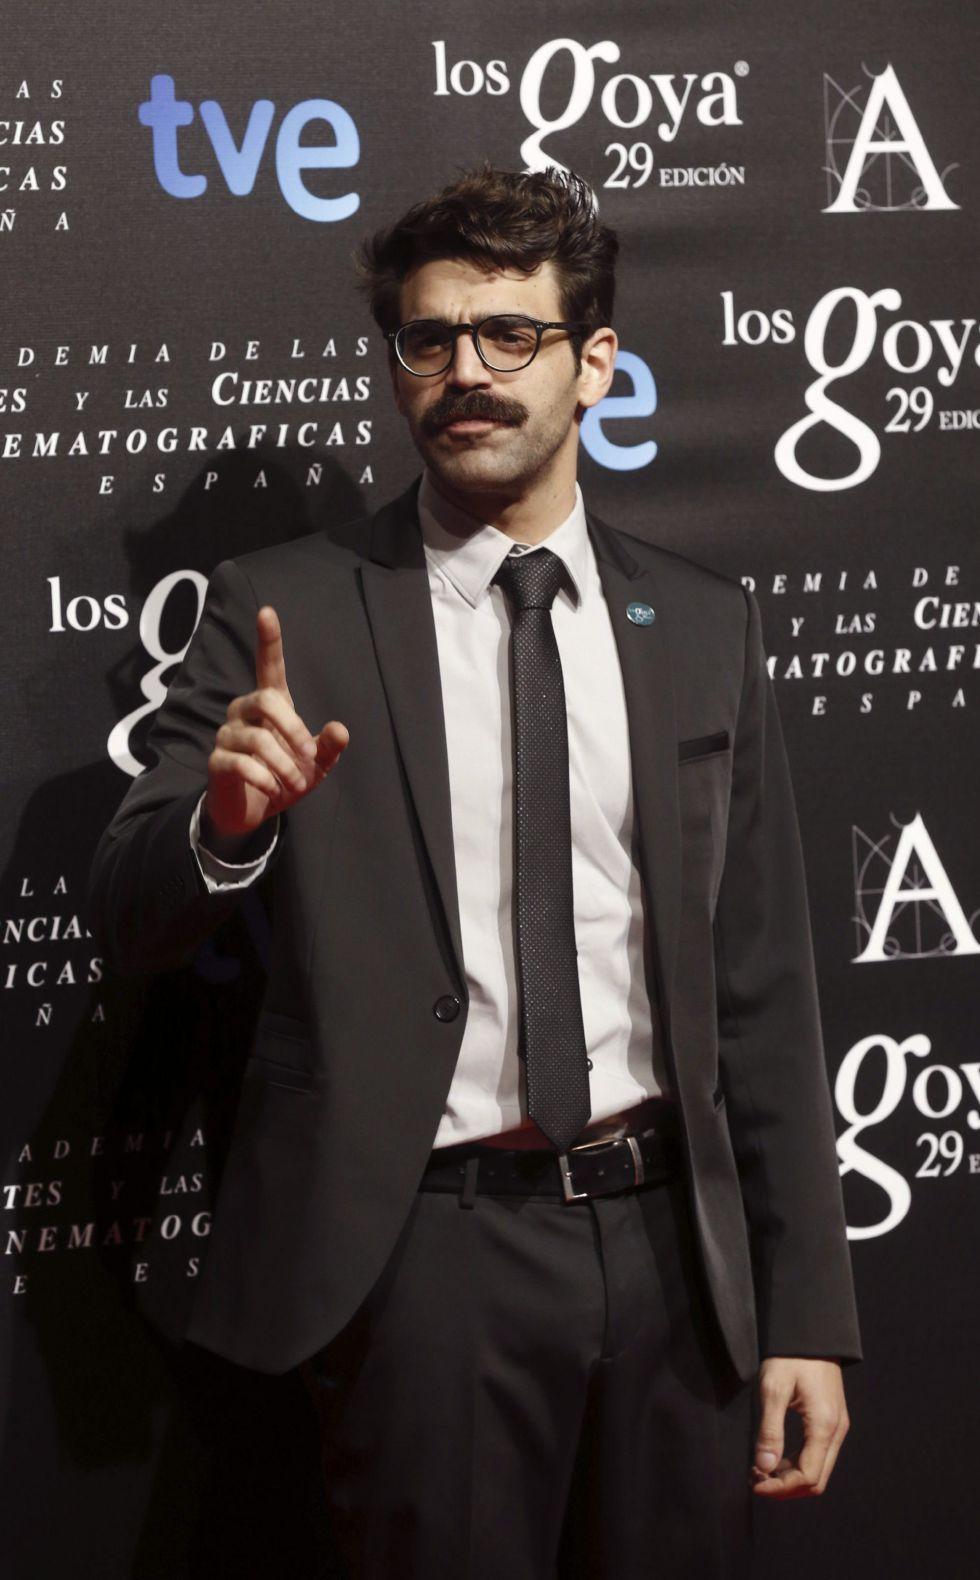 El actor David Verdaguer nominado a Mejor actor revelación por '10.000 kilómetros'